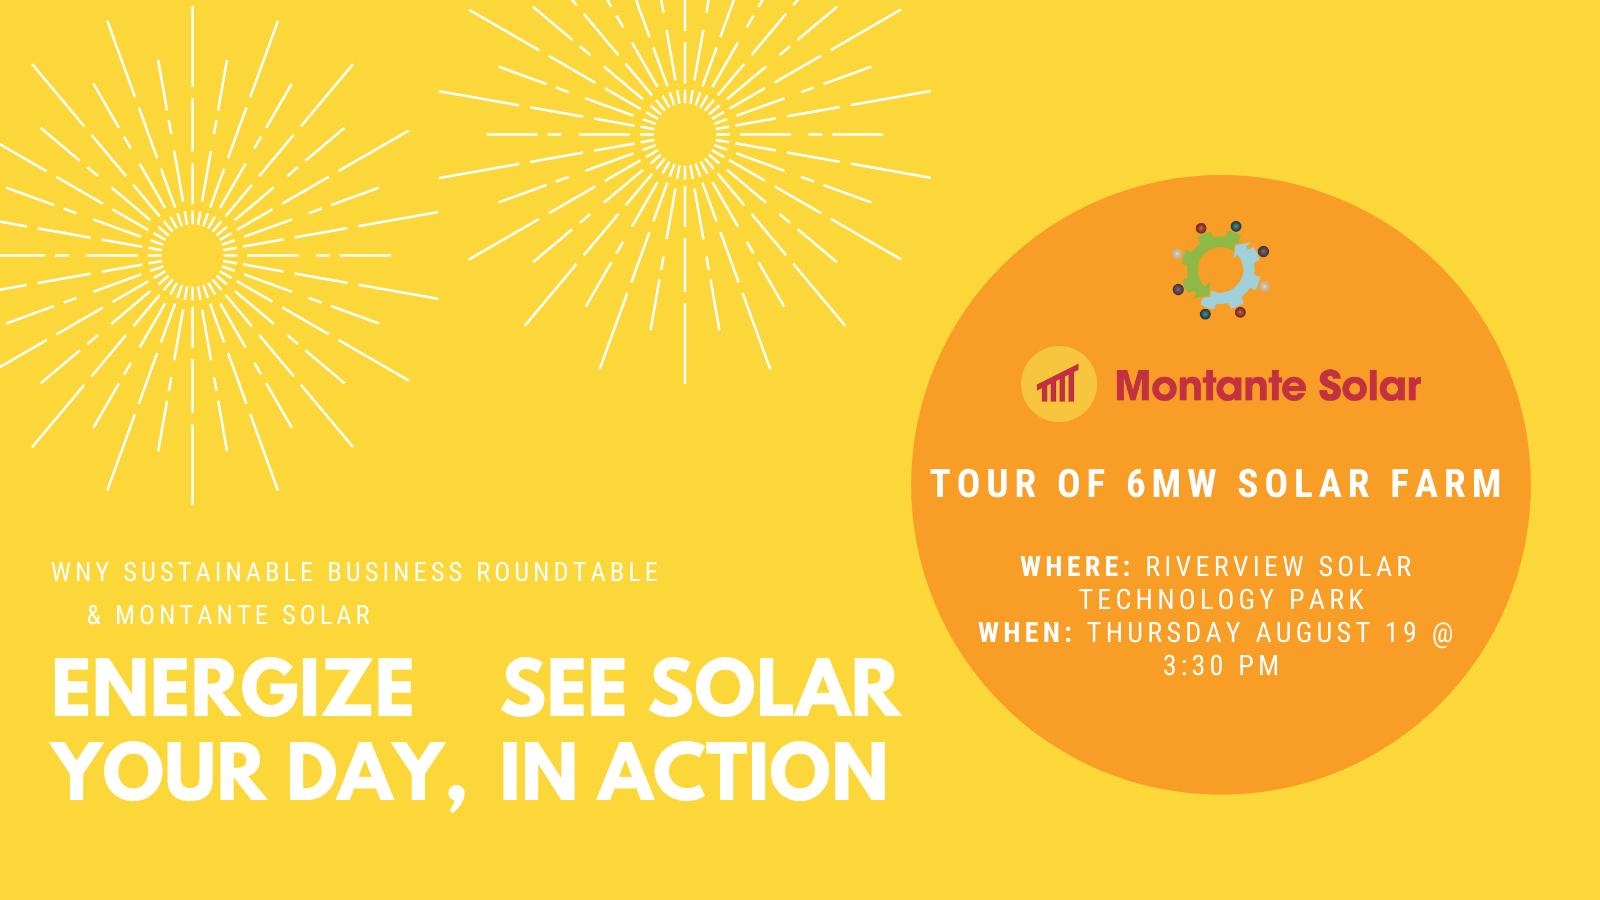 Tour of 6MW Solar Farm at Riverview Solar Technology Park